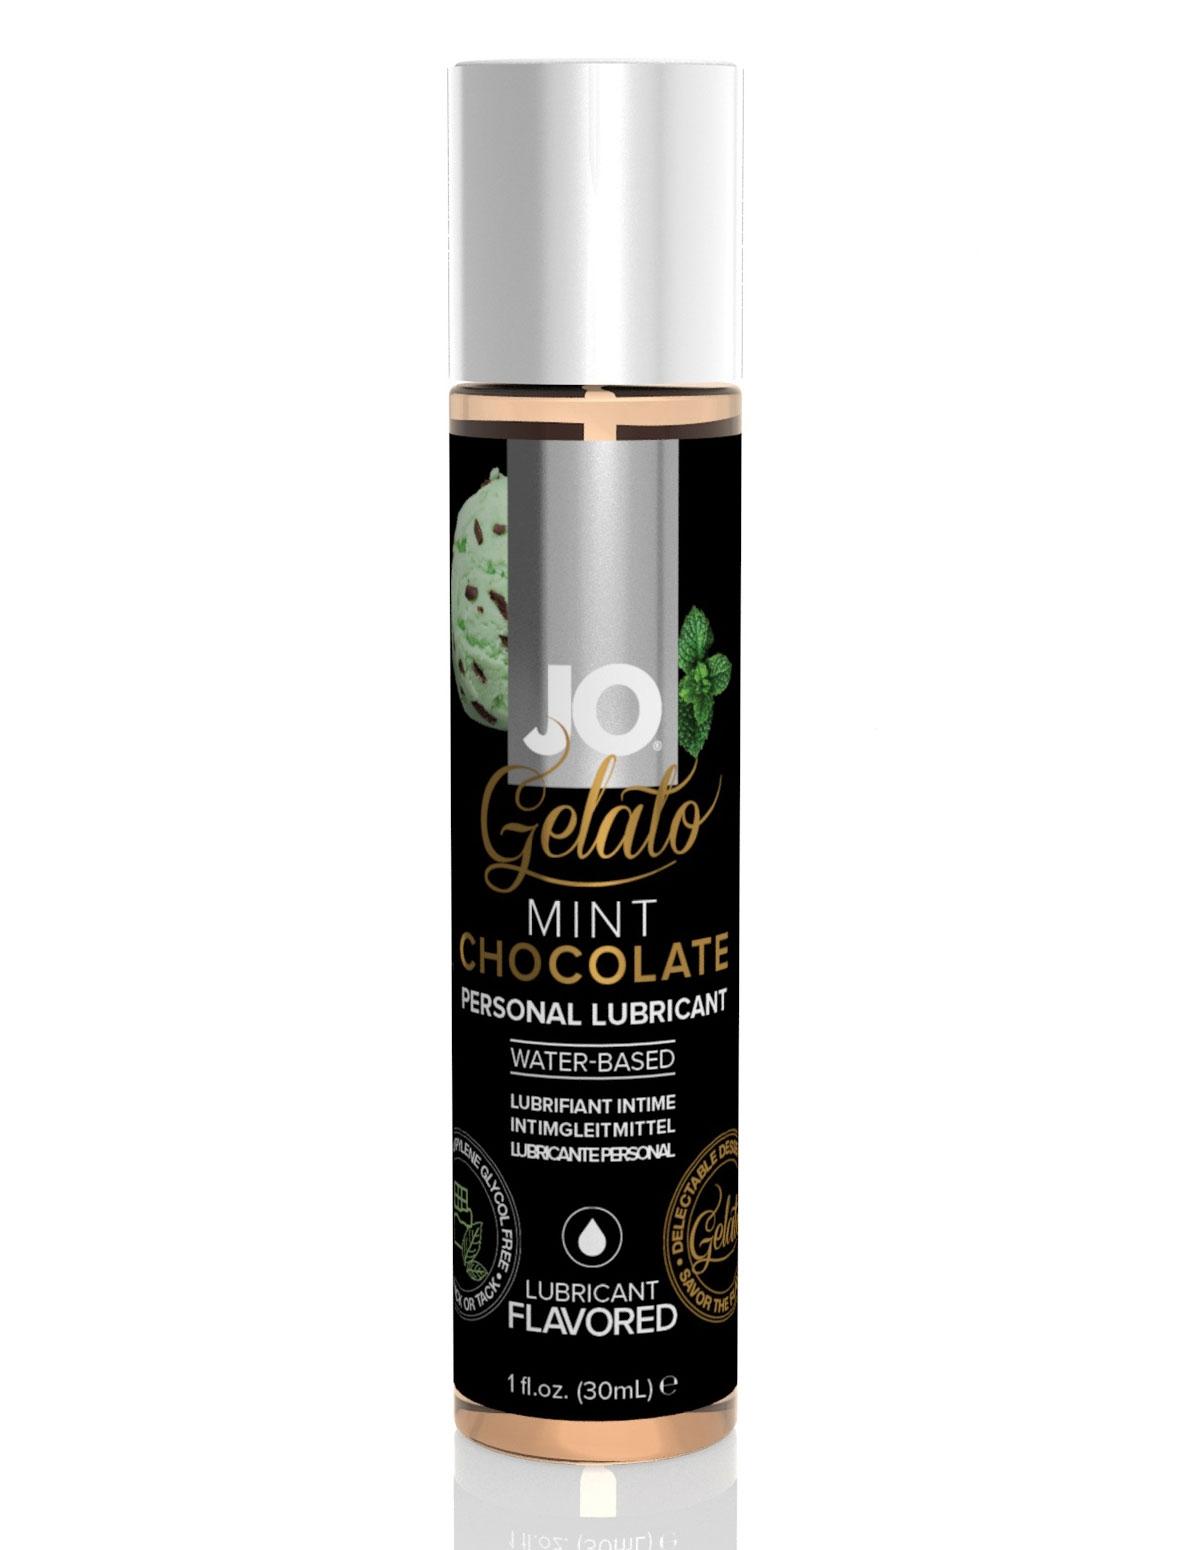 Jo Gelato Mint Chocolate 4Oz Lube